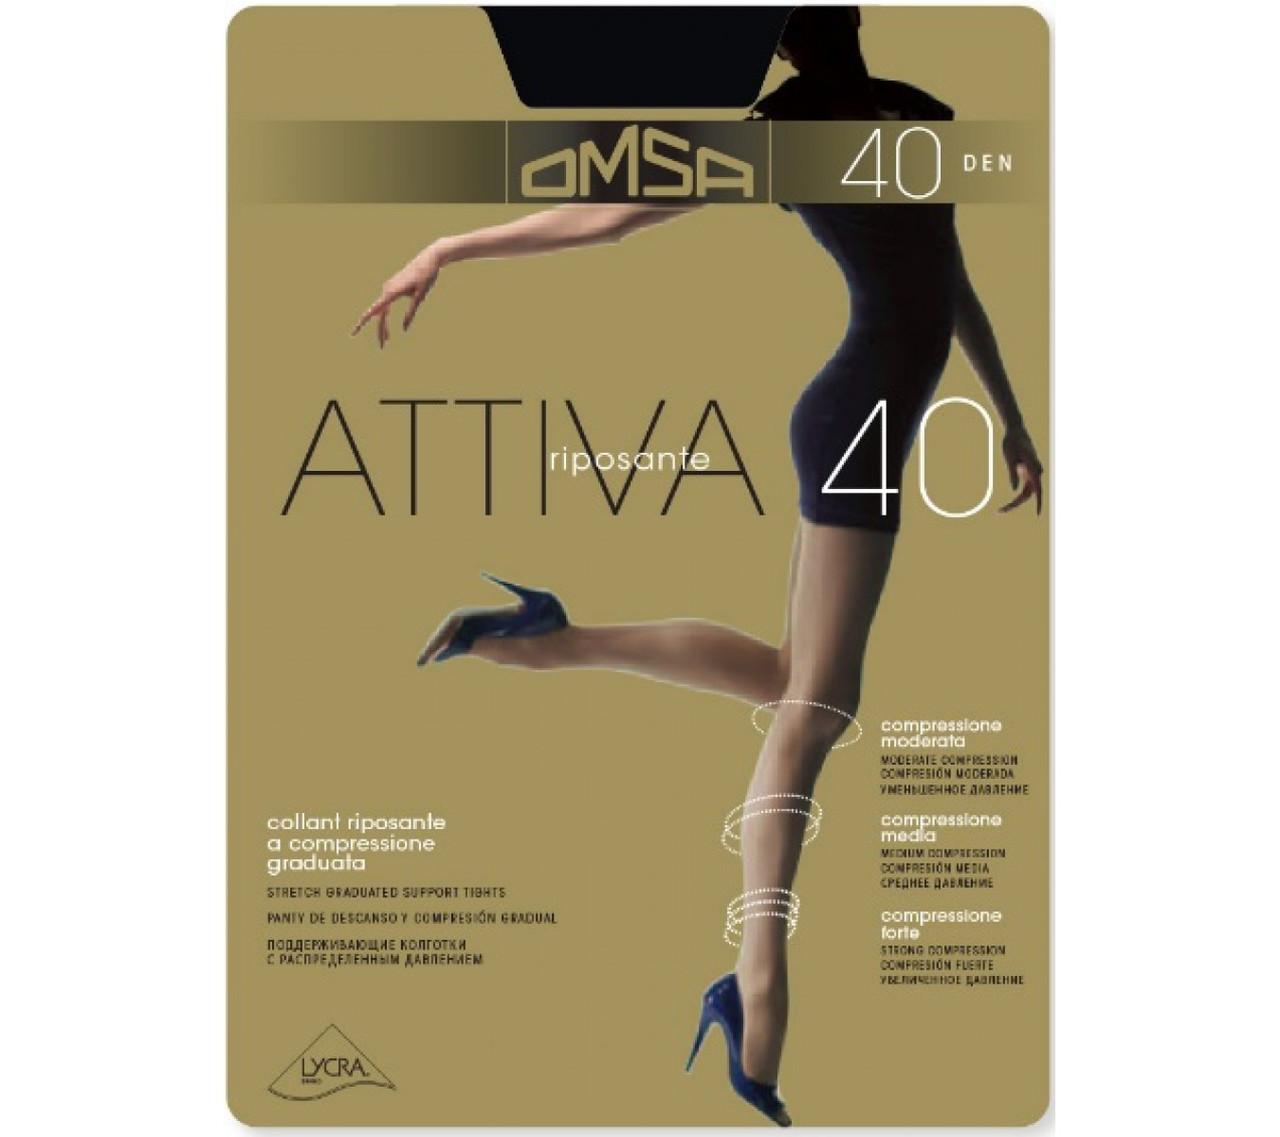 Колготки женские Omsa Attiva 40 den ОПТ, все размеры, все цвета, колготки Golden lady